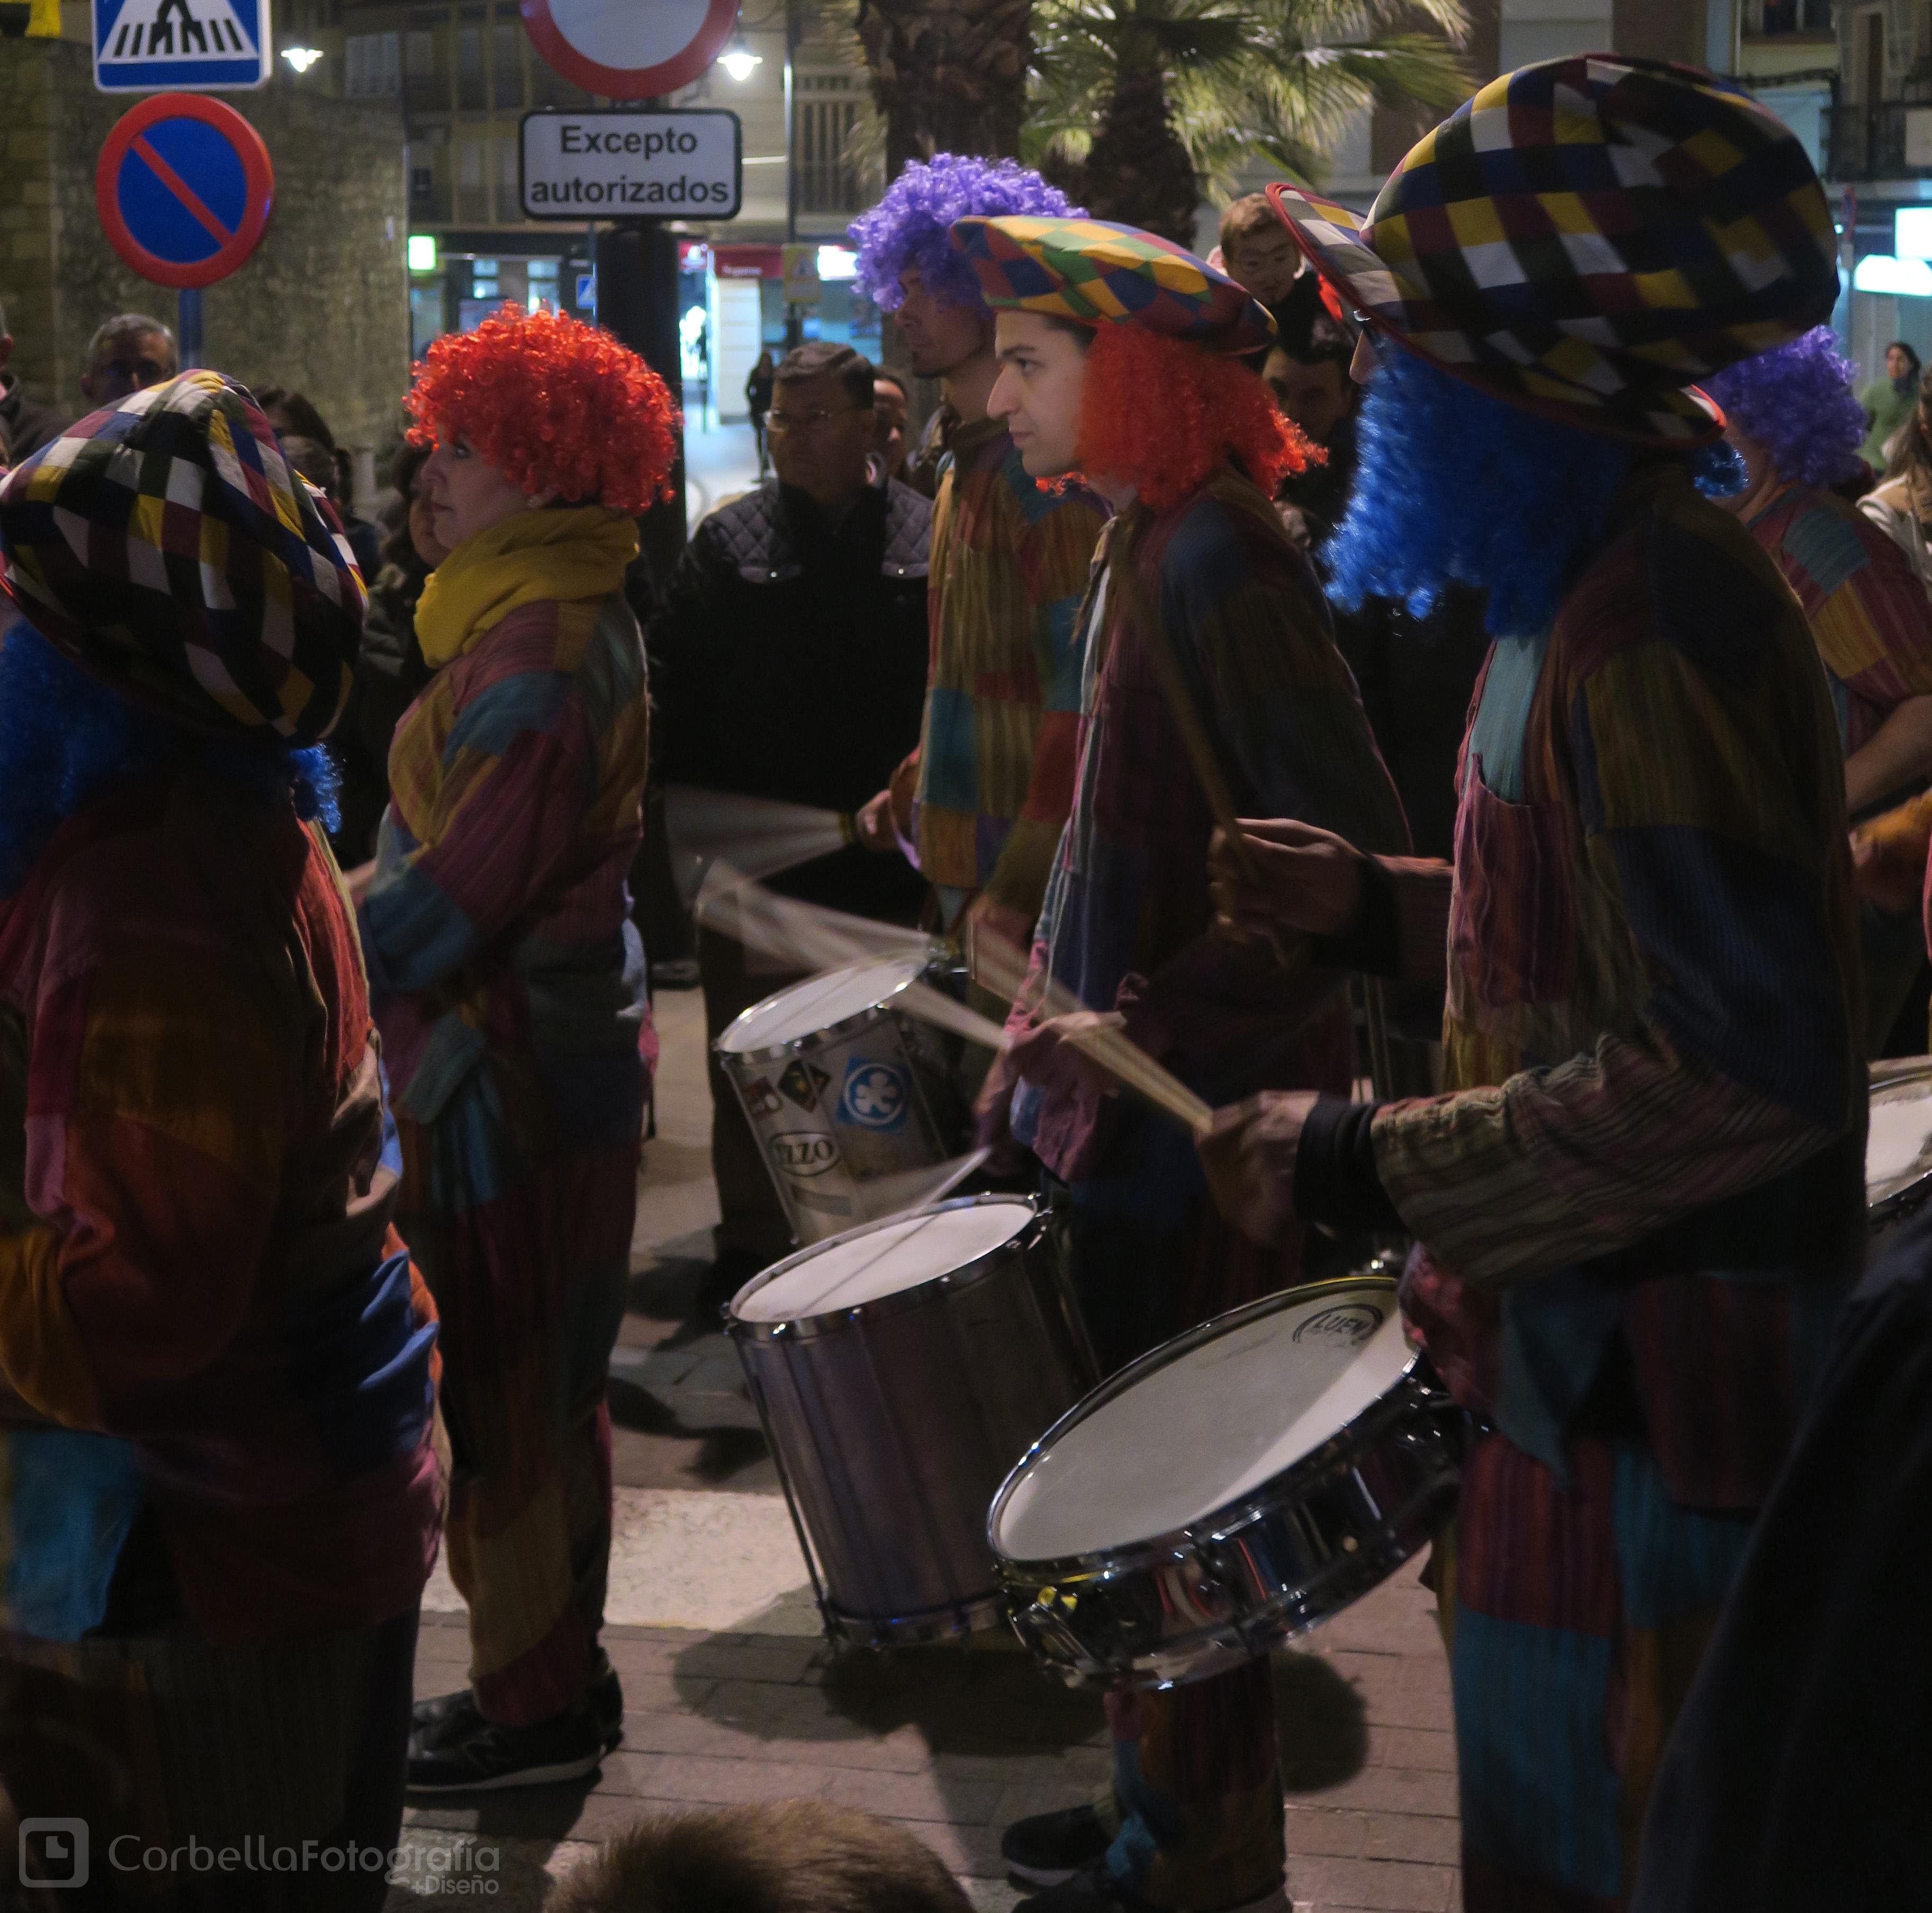 Gran Pasacalles de Carnaval @ Finaliza en Plaza Nueva